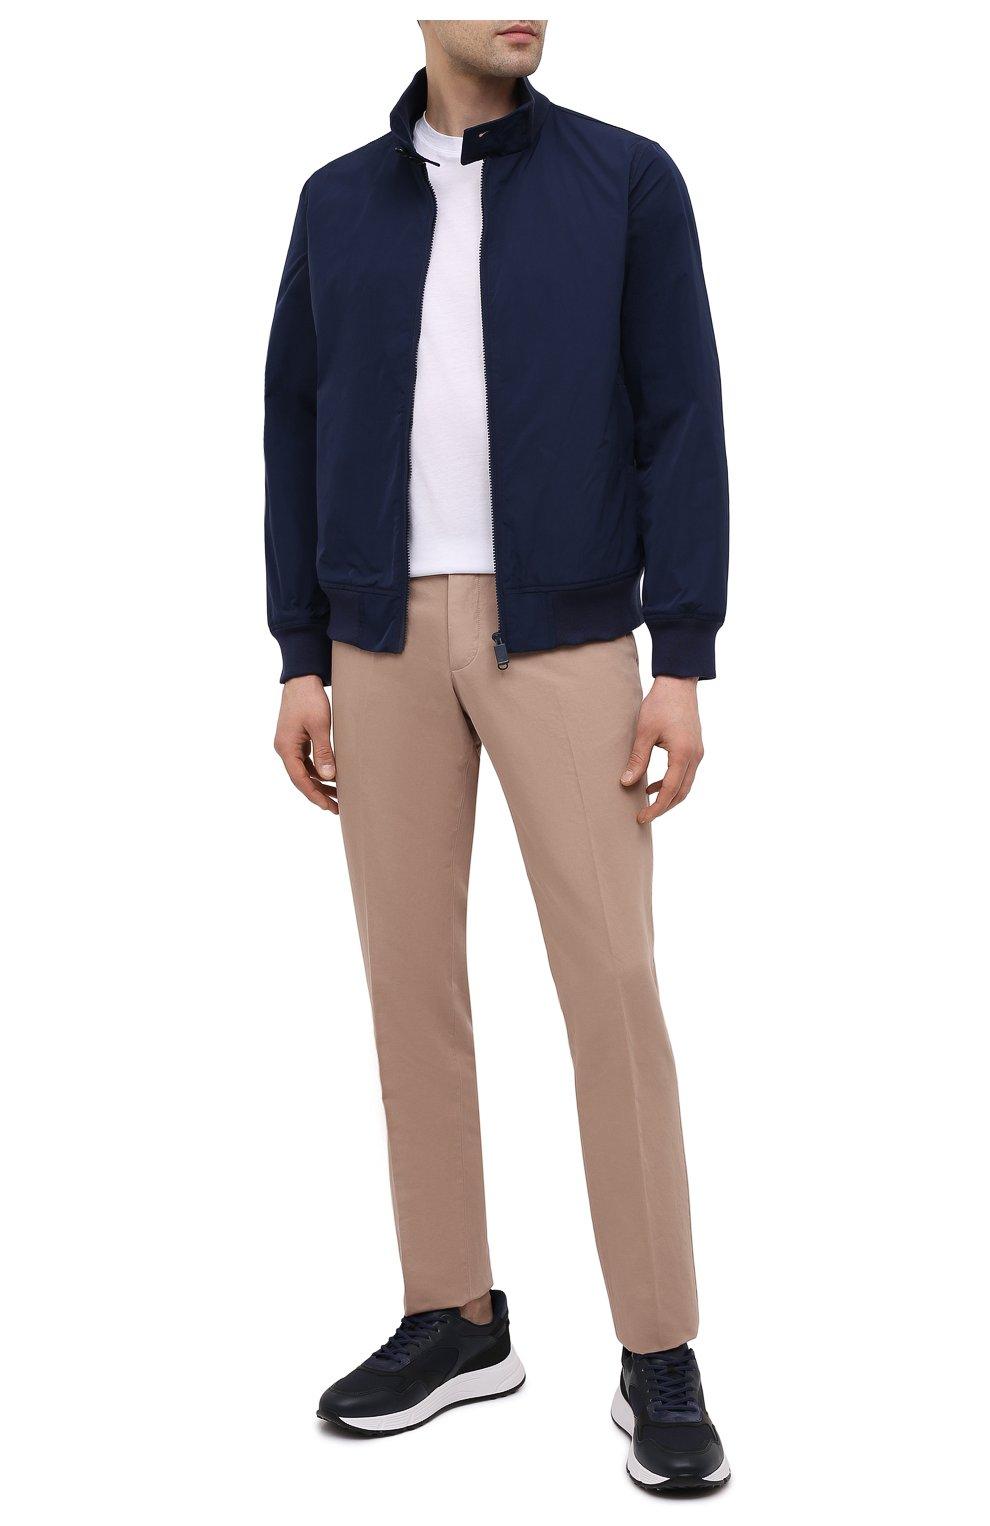 Мужской бомбер ASPESI темно-синего цвета, арт. S1 I I918 G703 | Фото 2 (Кросс-КТ: Куртка; Рукава: Длинные; Принт: Без принта; Материал внешний: Синтетический материал; Материал подклада: Синтетический материал; Длина (верхняя одежда): Короткие; Стили: Кэжуэл)